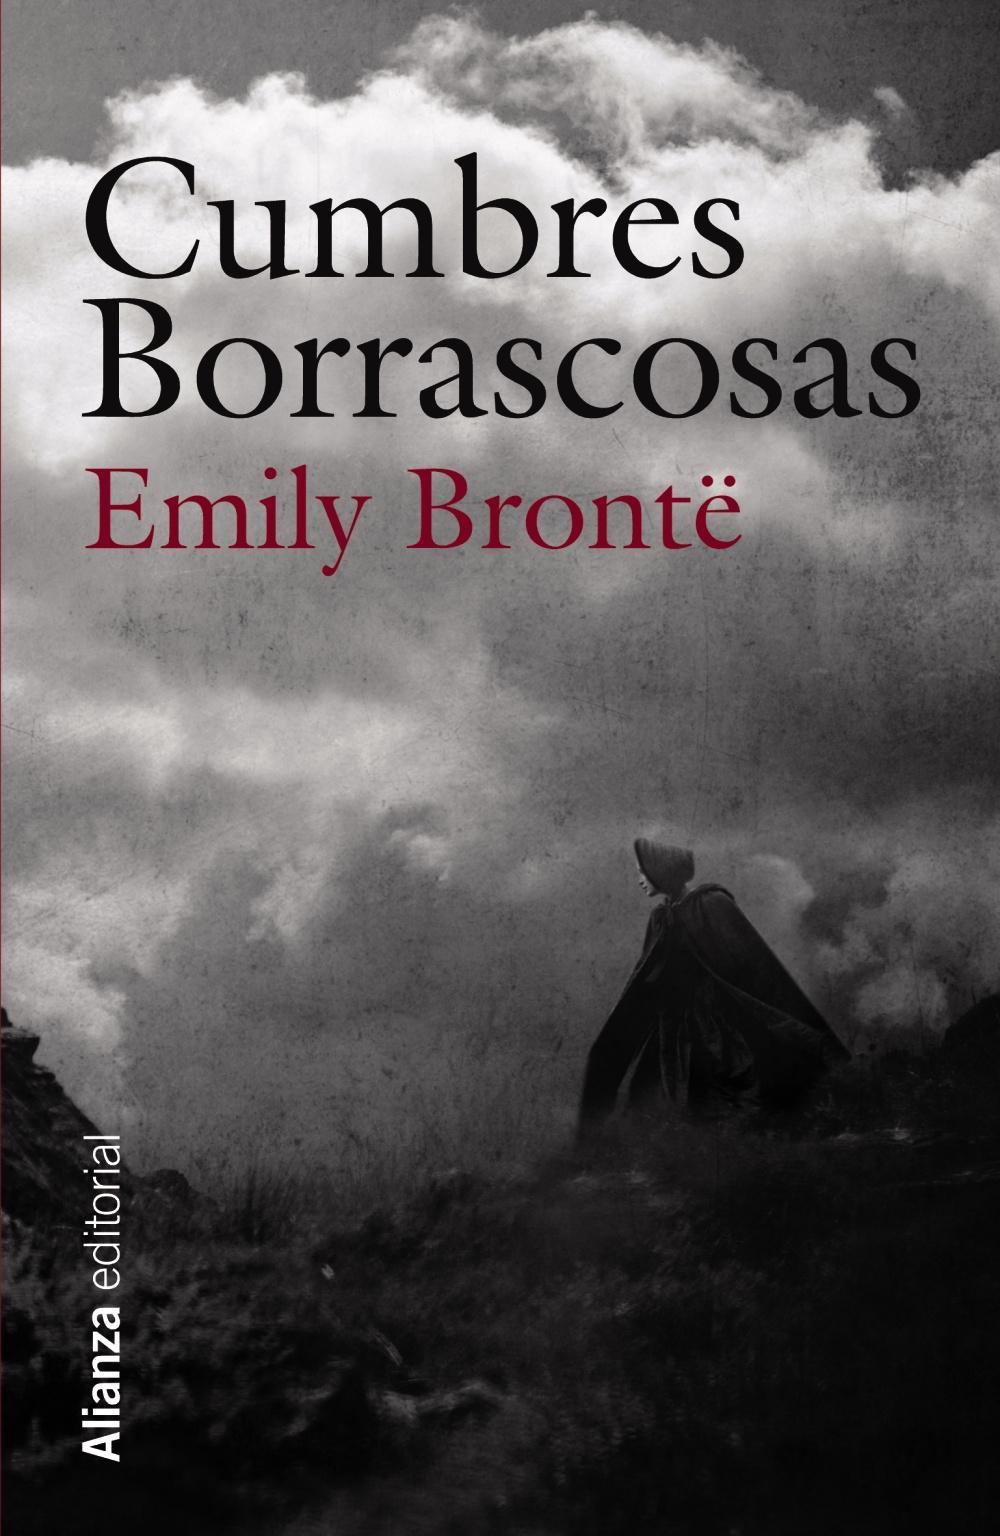 Cumbres-Borrascosas-book-tag-este-o-este-nominaciones-interesantes-libros-conocidos-desconocidos-recomendaciones-blogs-blogger